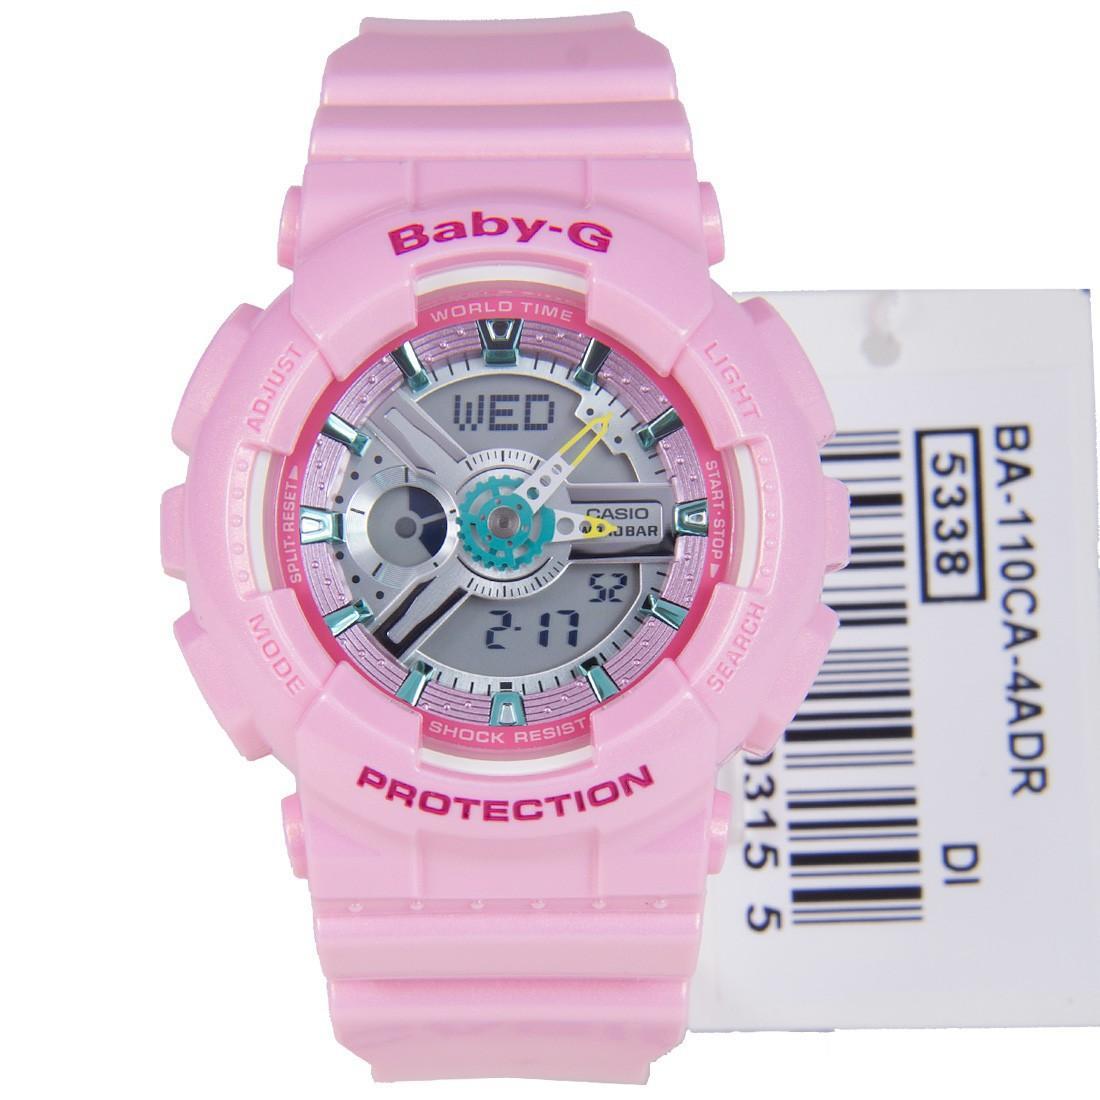 Jual Jam Tangan Casio Baby G Terbaru Ba 120 1b Hitam 110ca 4a Wanita Pink